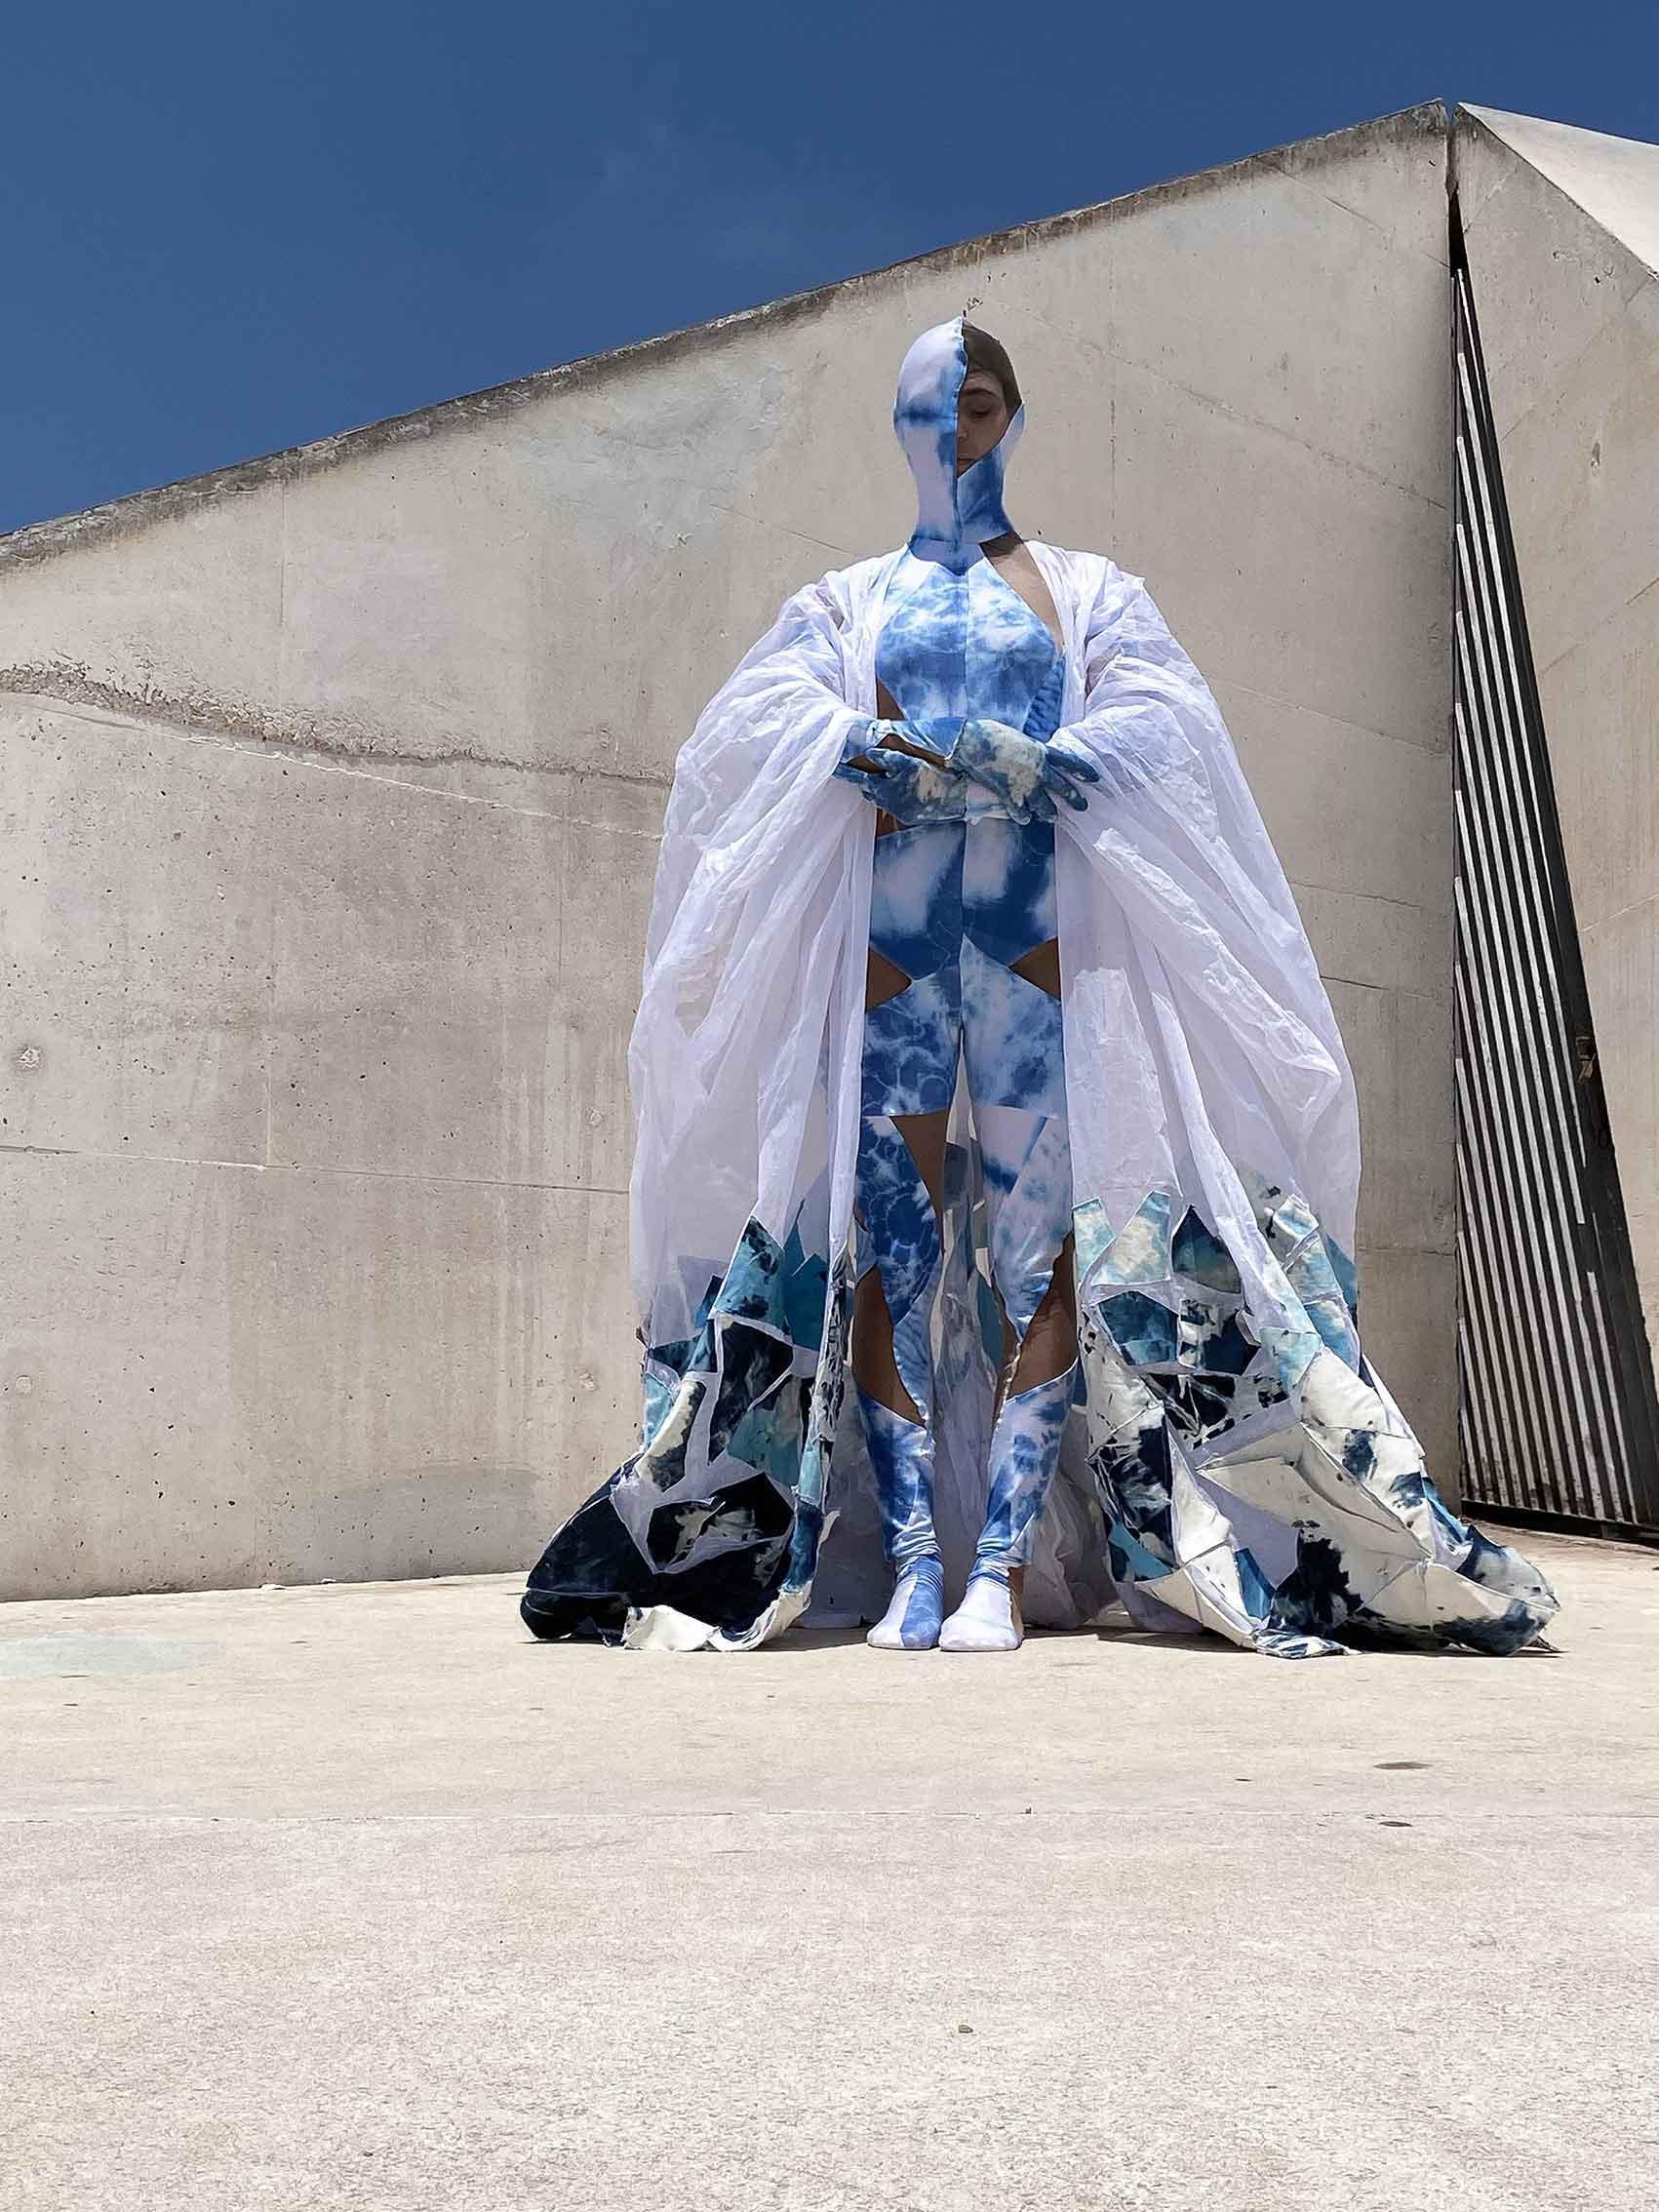 אופנה-חדשות-טרנדים-האופנה8-14